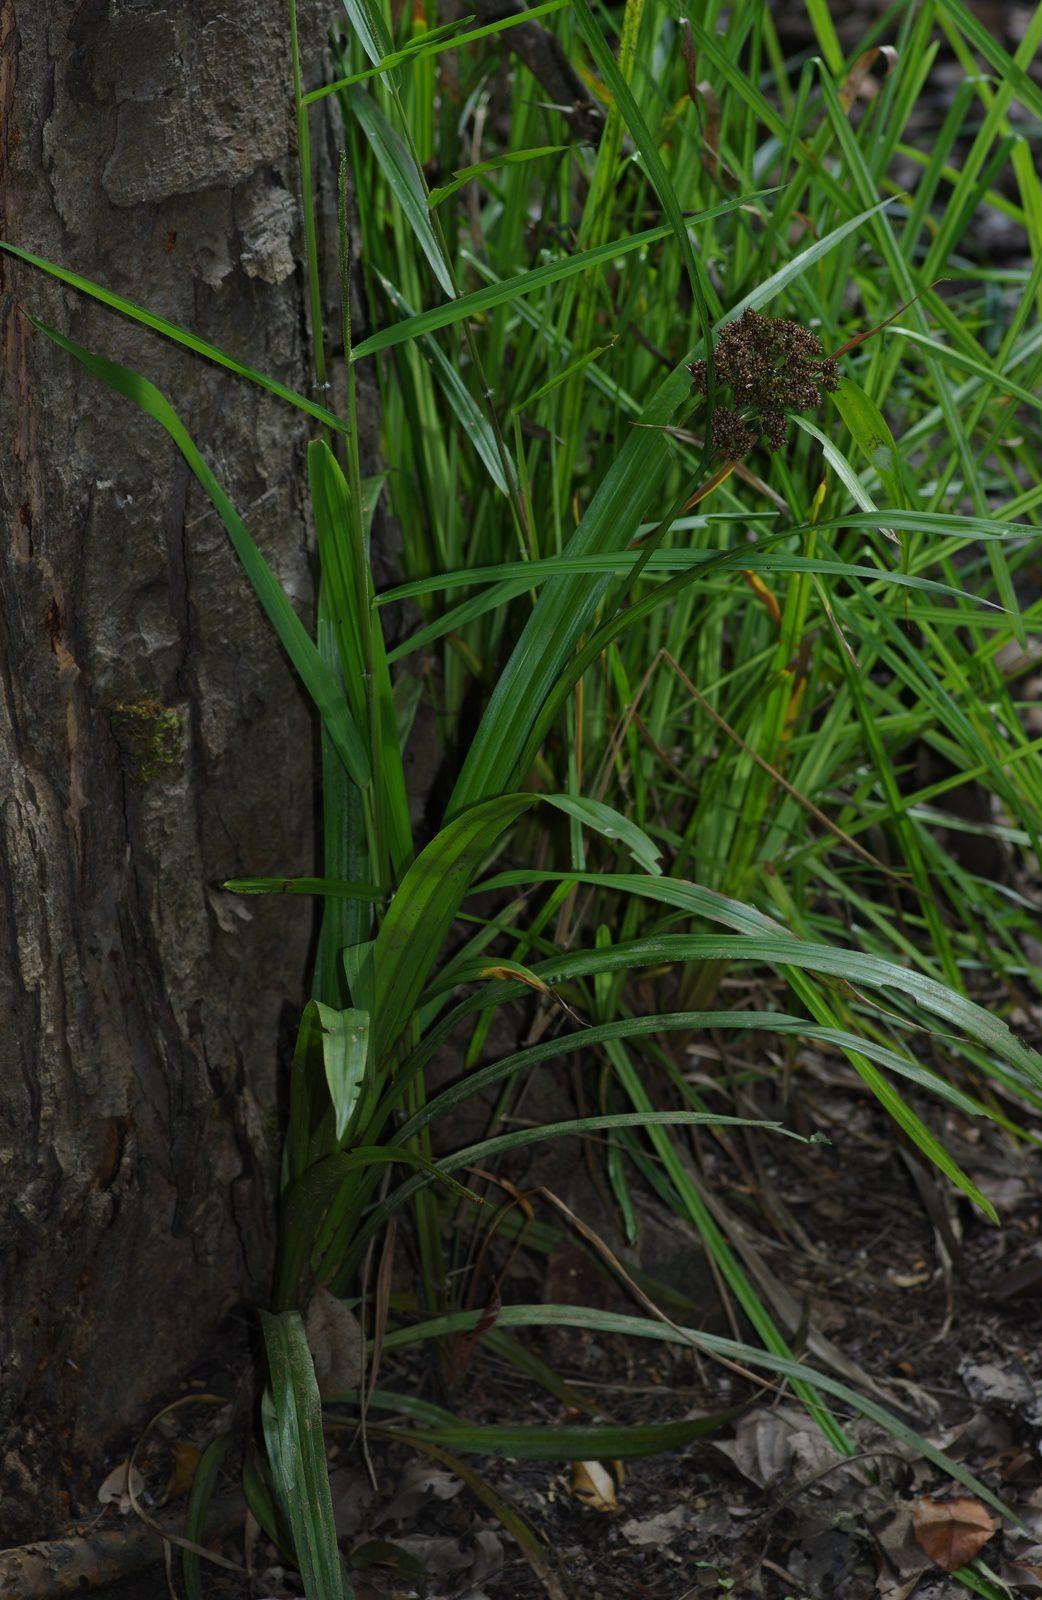 Hypolytrum longifolium subsp. sylvaticum